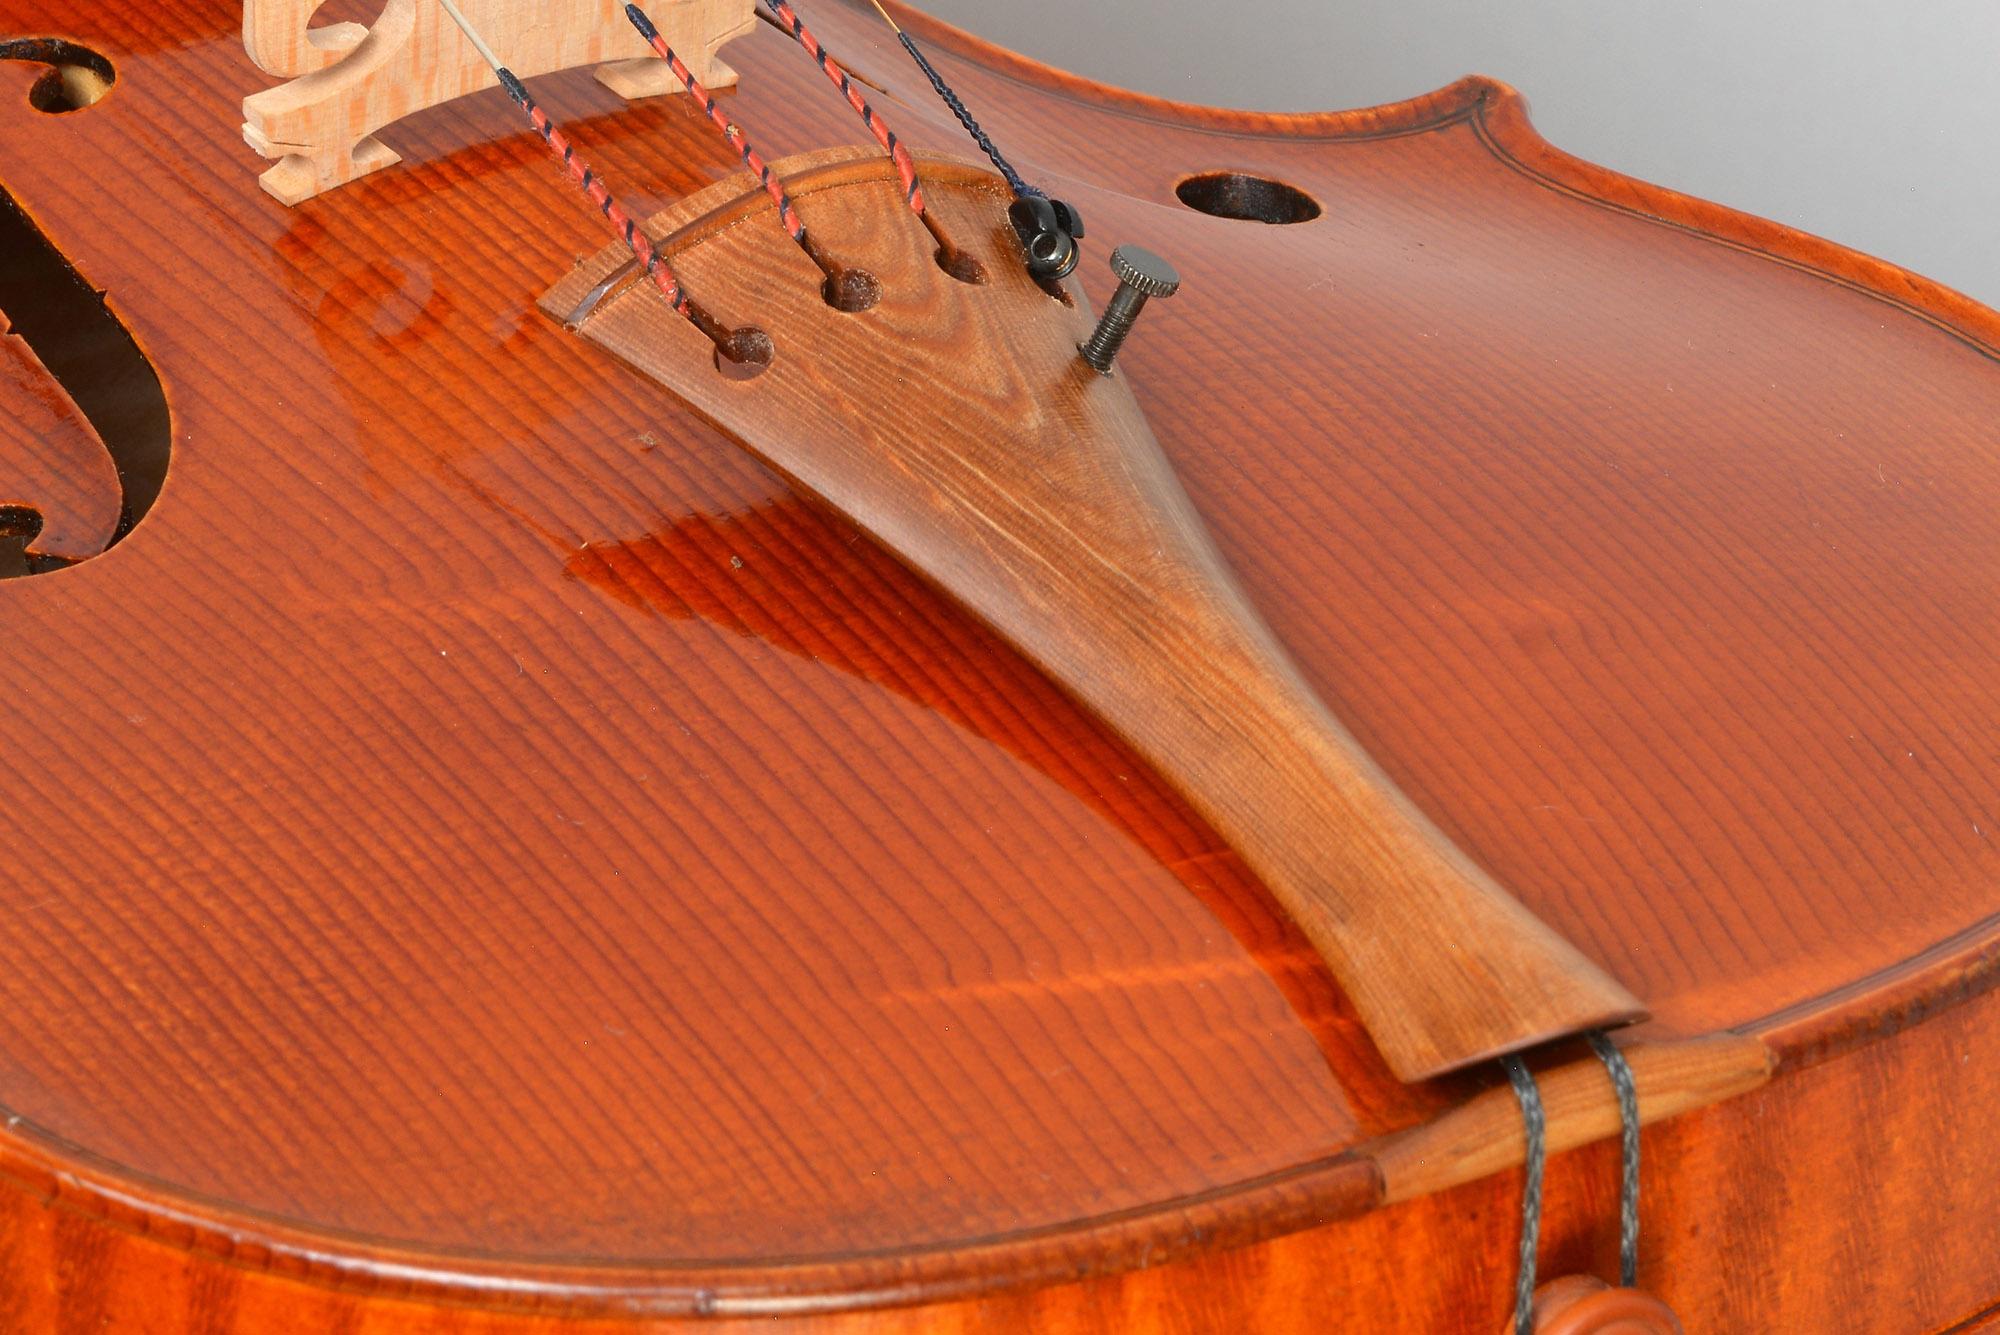 Tailpiece from Sonowood spruce made by Wilhelm Geigenbau